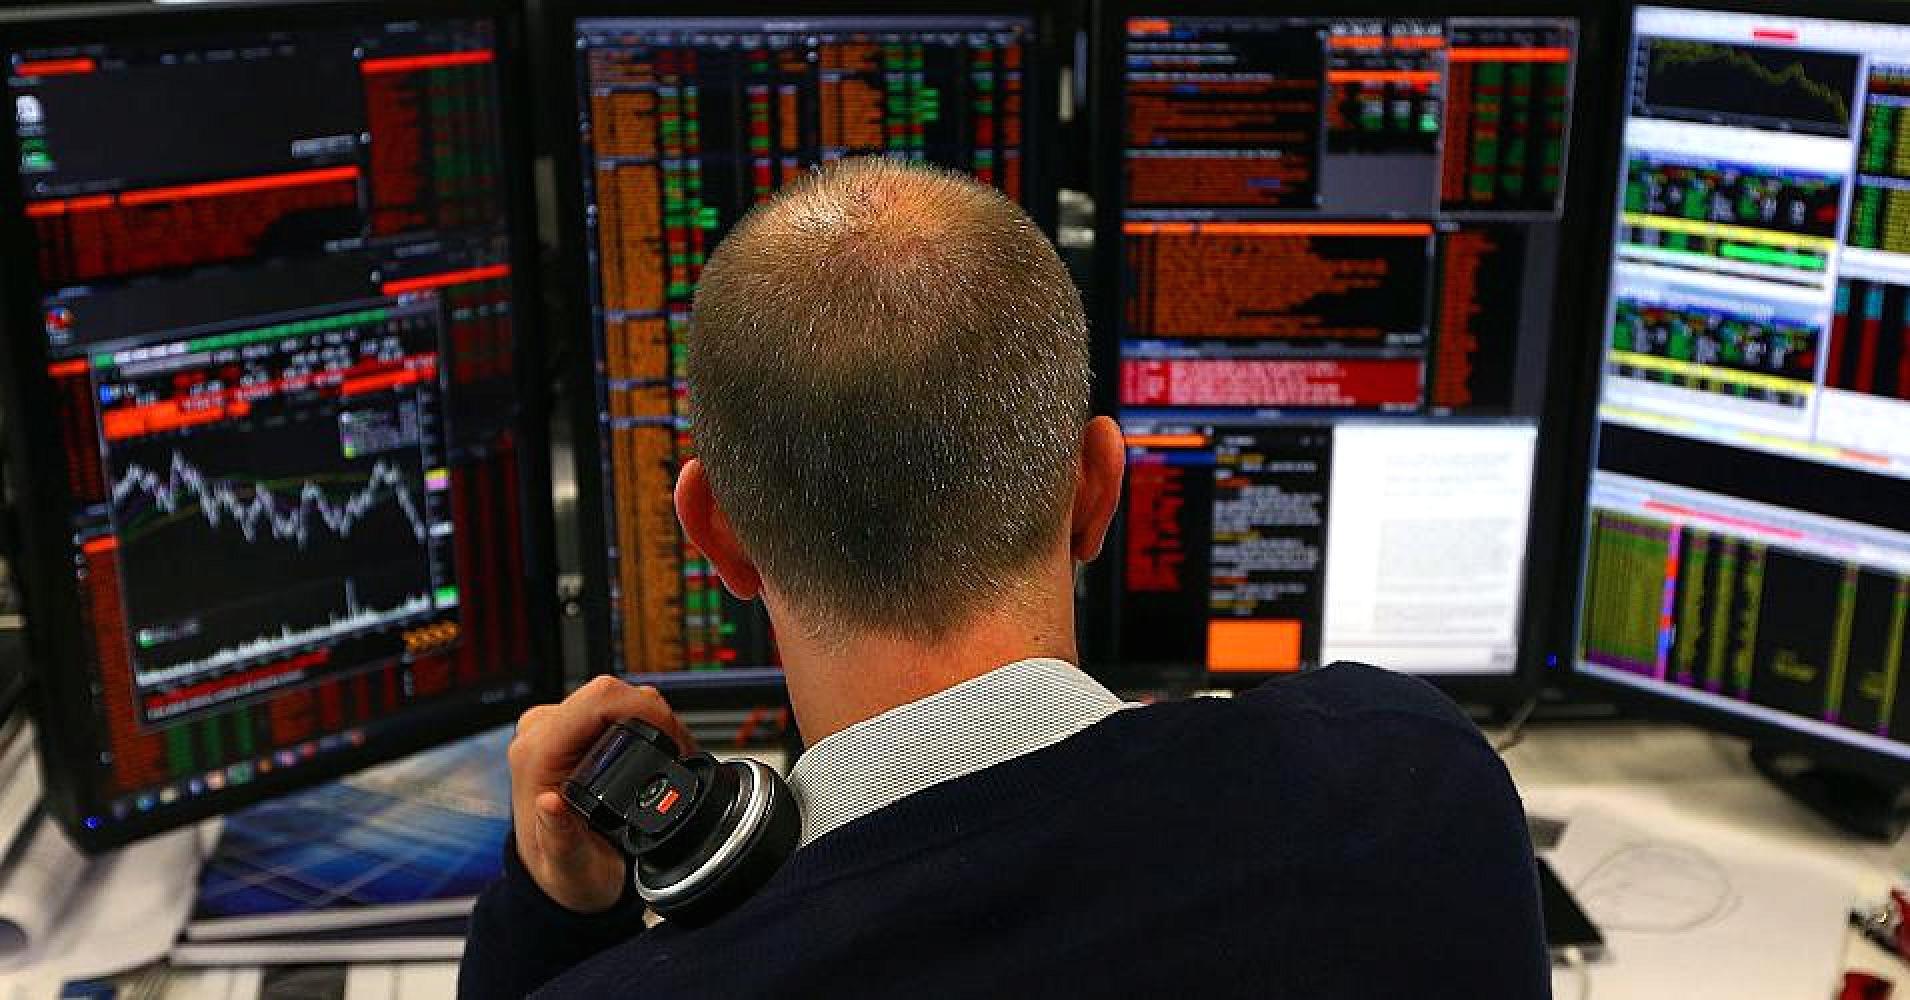 انخفاض أسهم أوروبا وقطاع الرعاية الصحية يؤثر سلبا على السوق